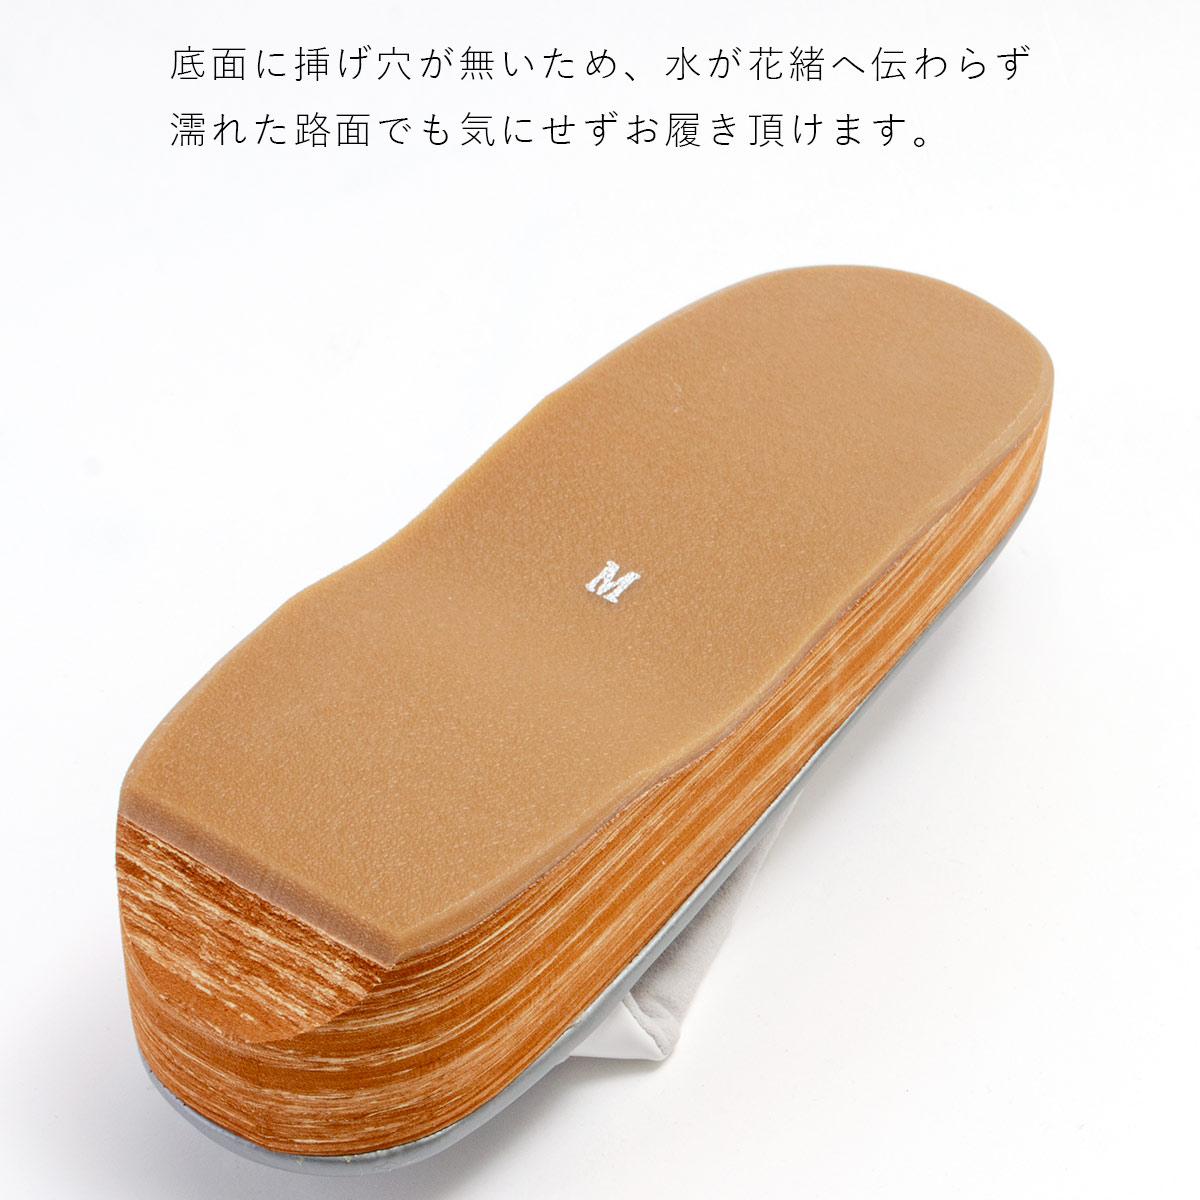 . HAKU 草履 NO.107 |シルバー×ホワイト